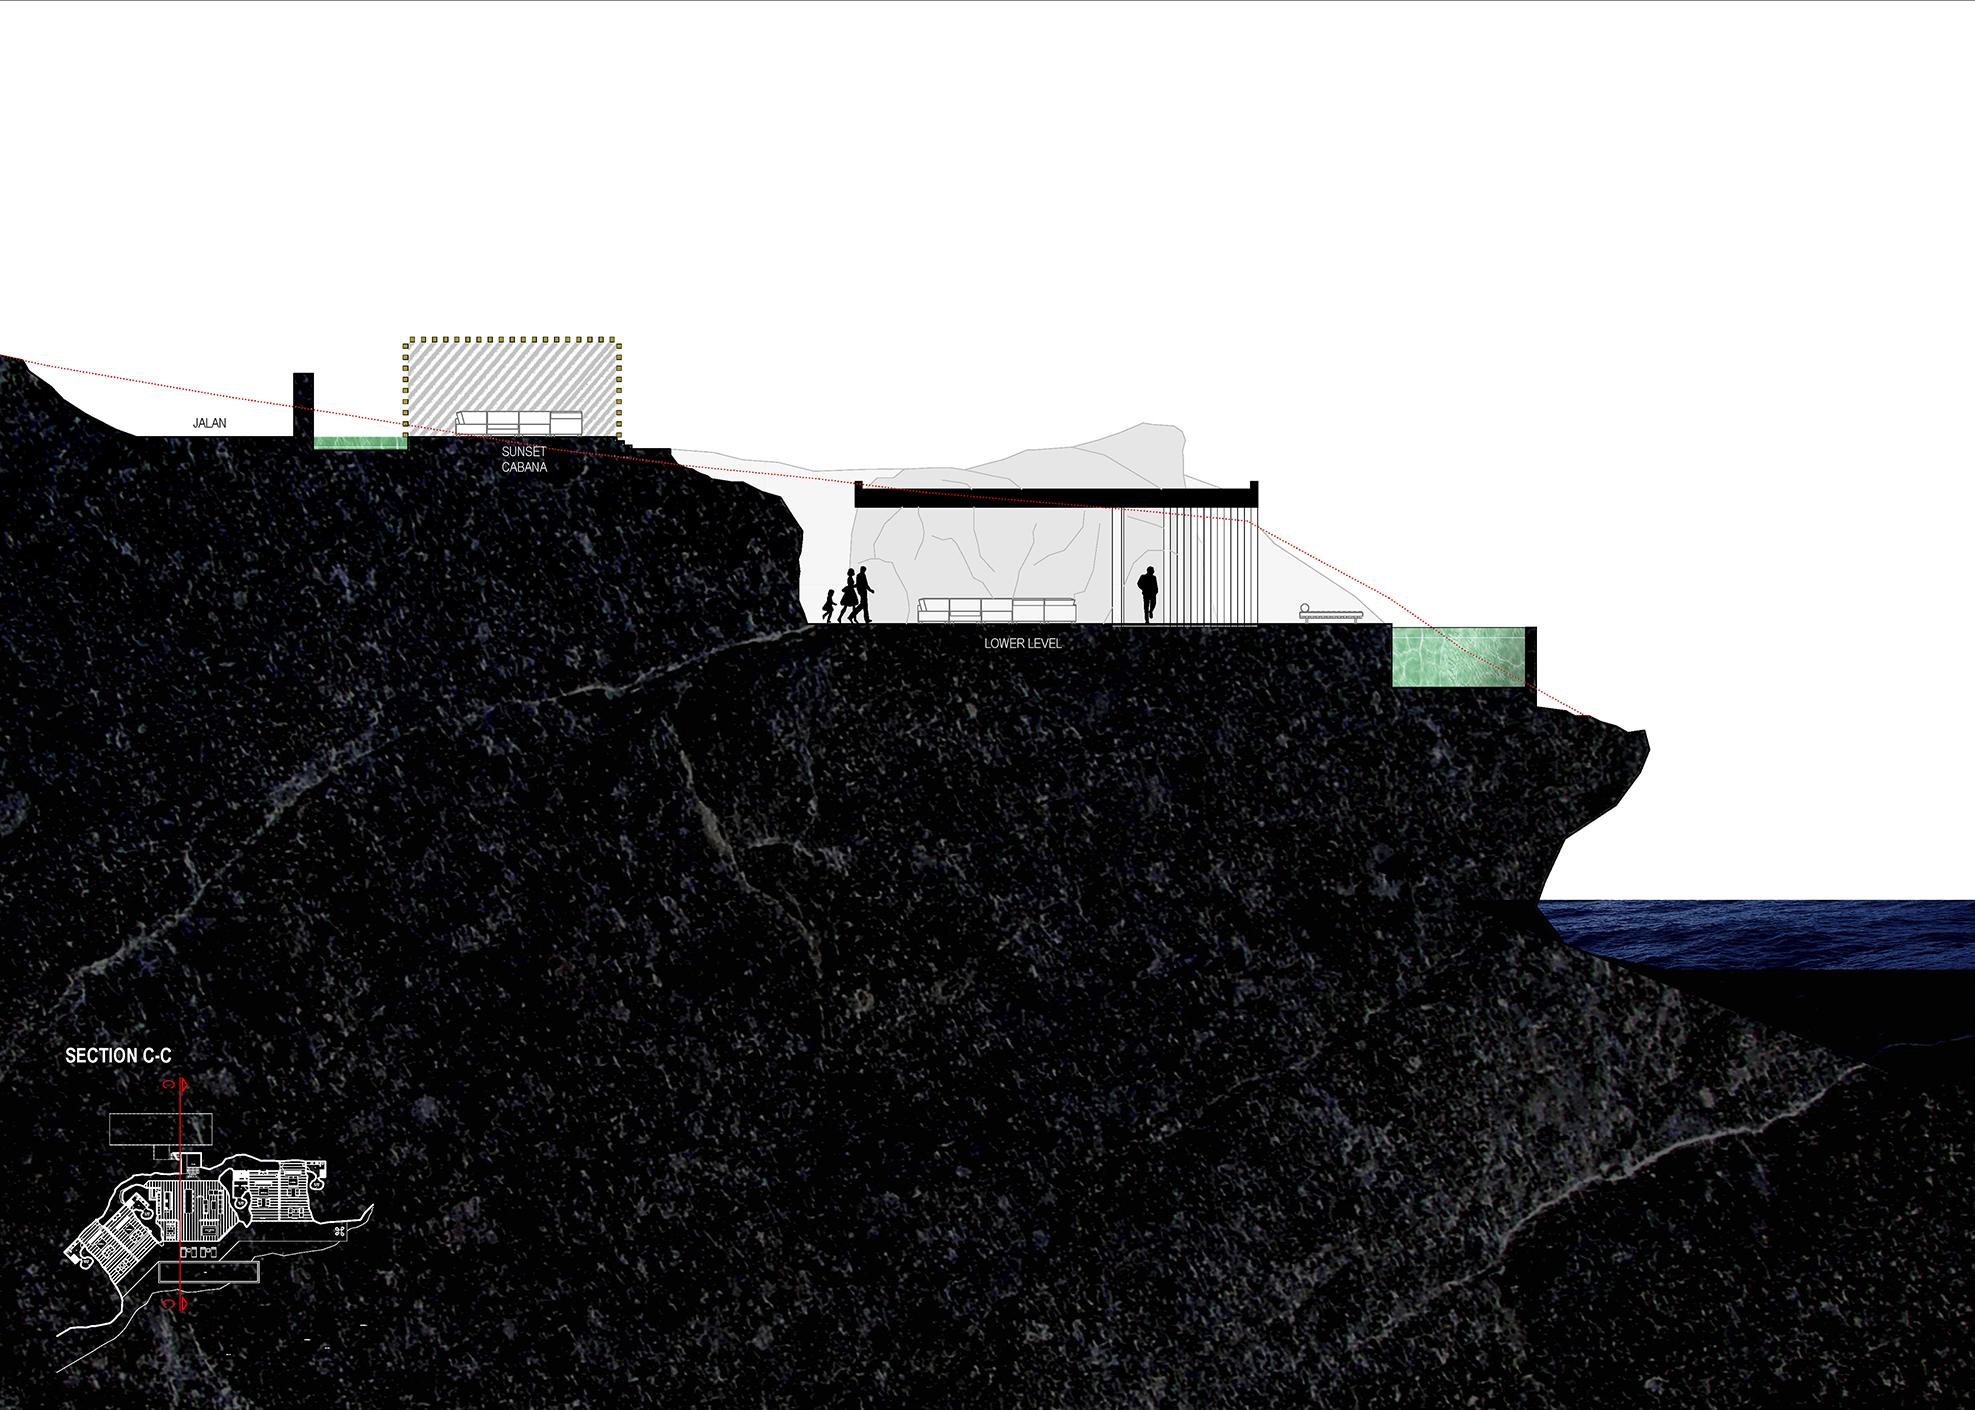 Fem arquitectura villa henge - Fem arquitectura ...